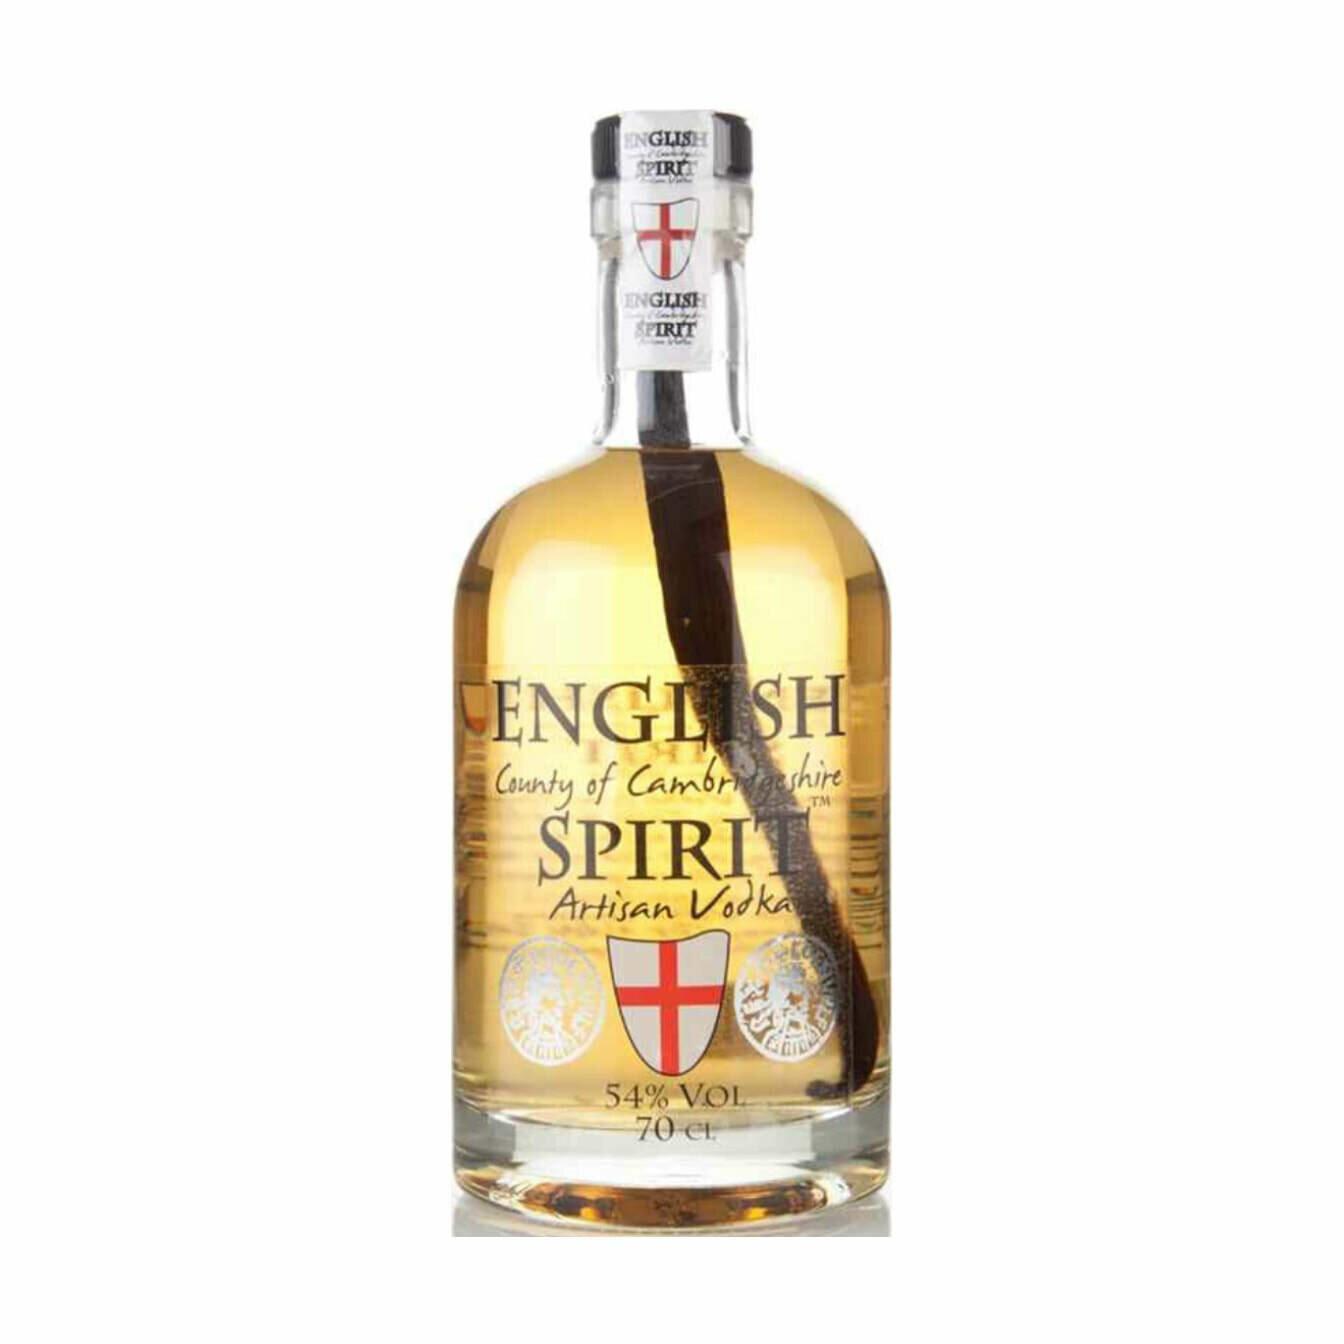 English Spirit Artisan Vodka